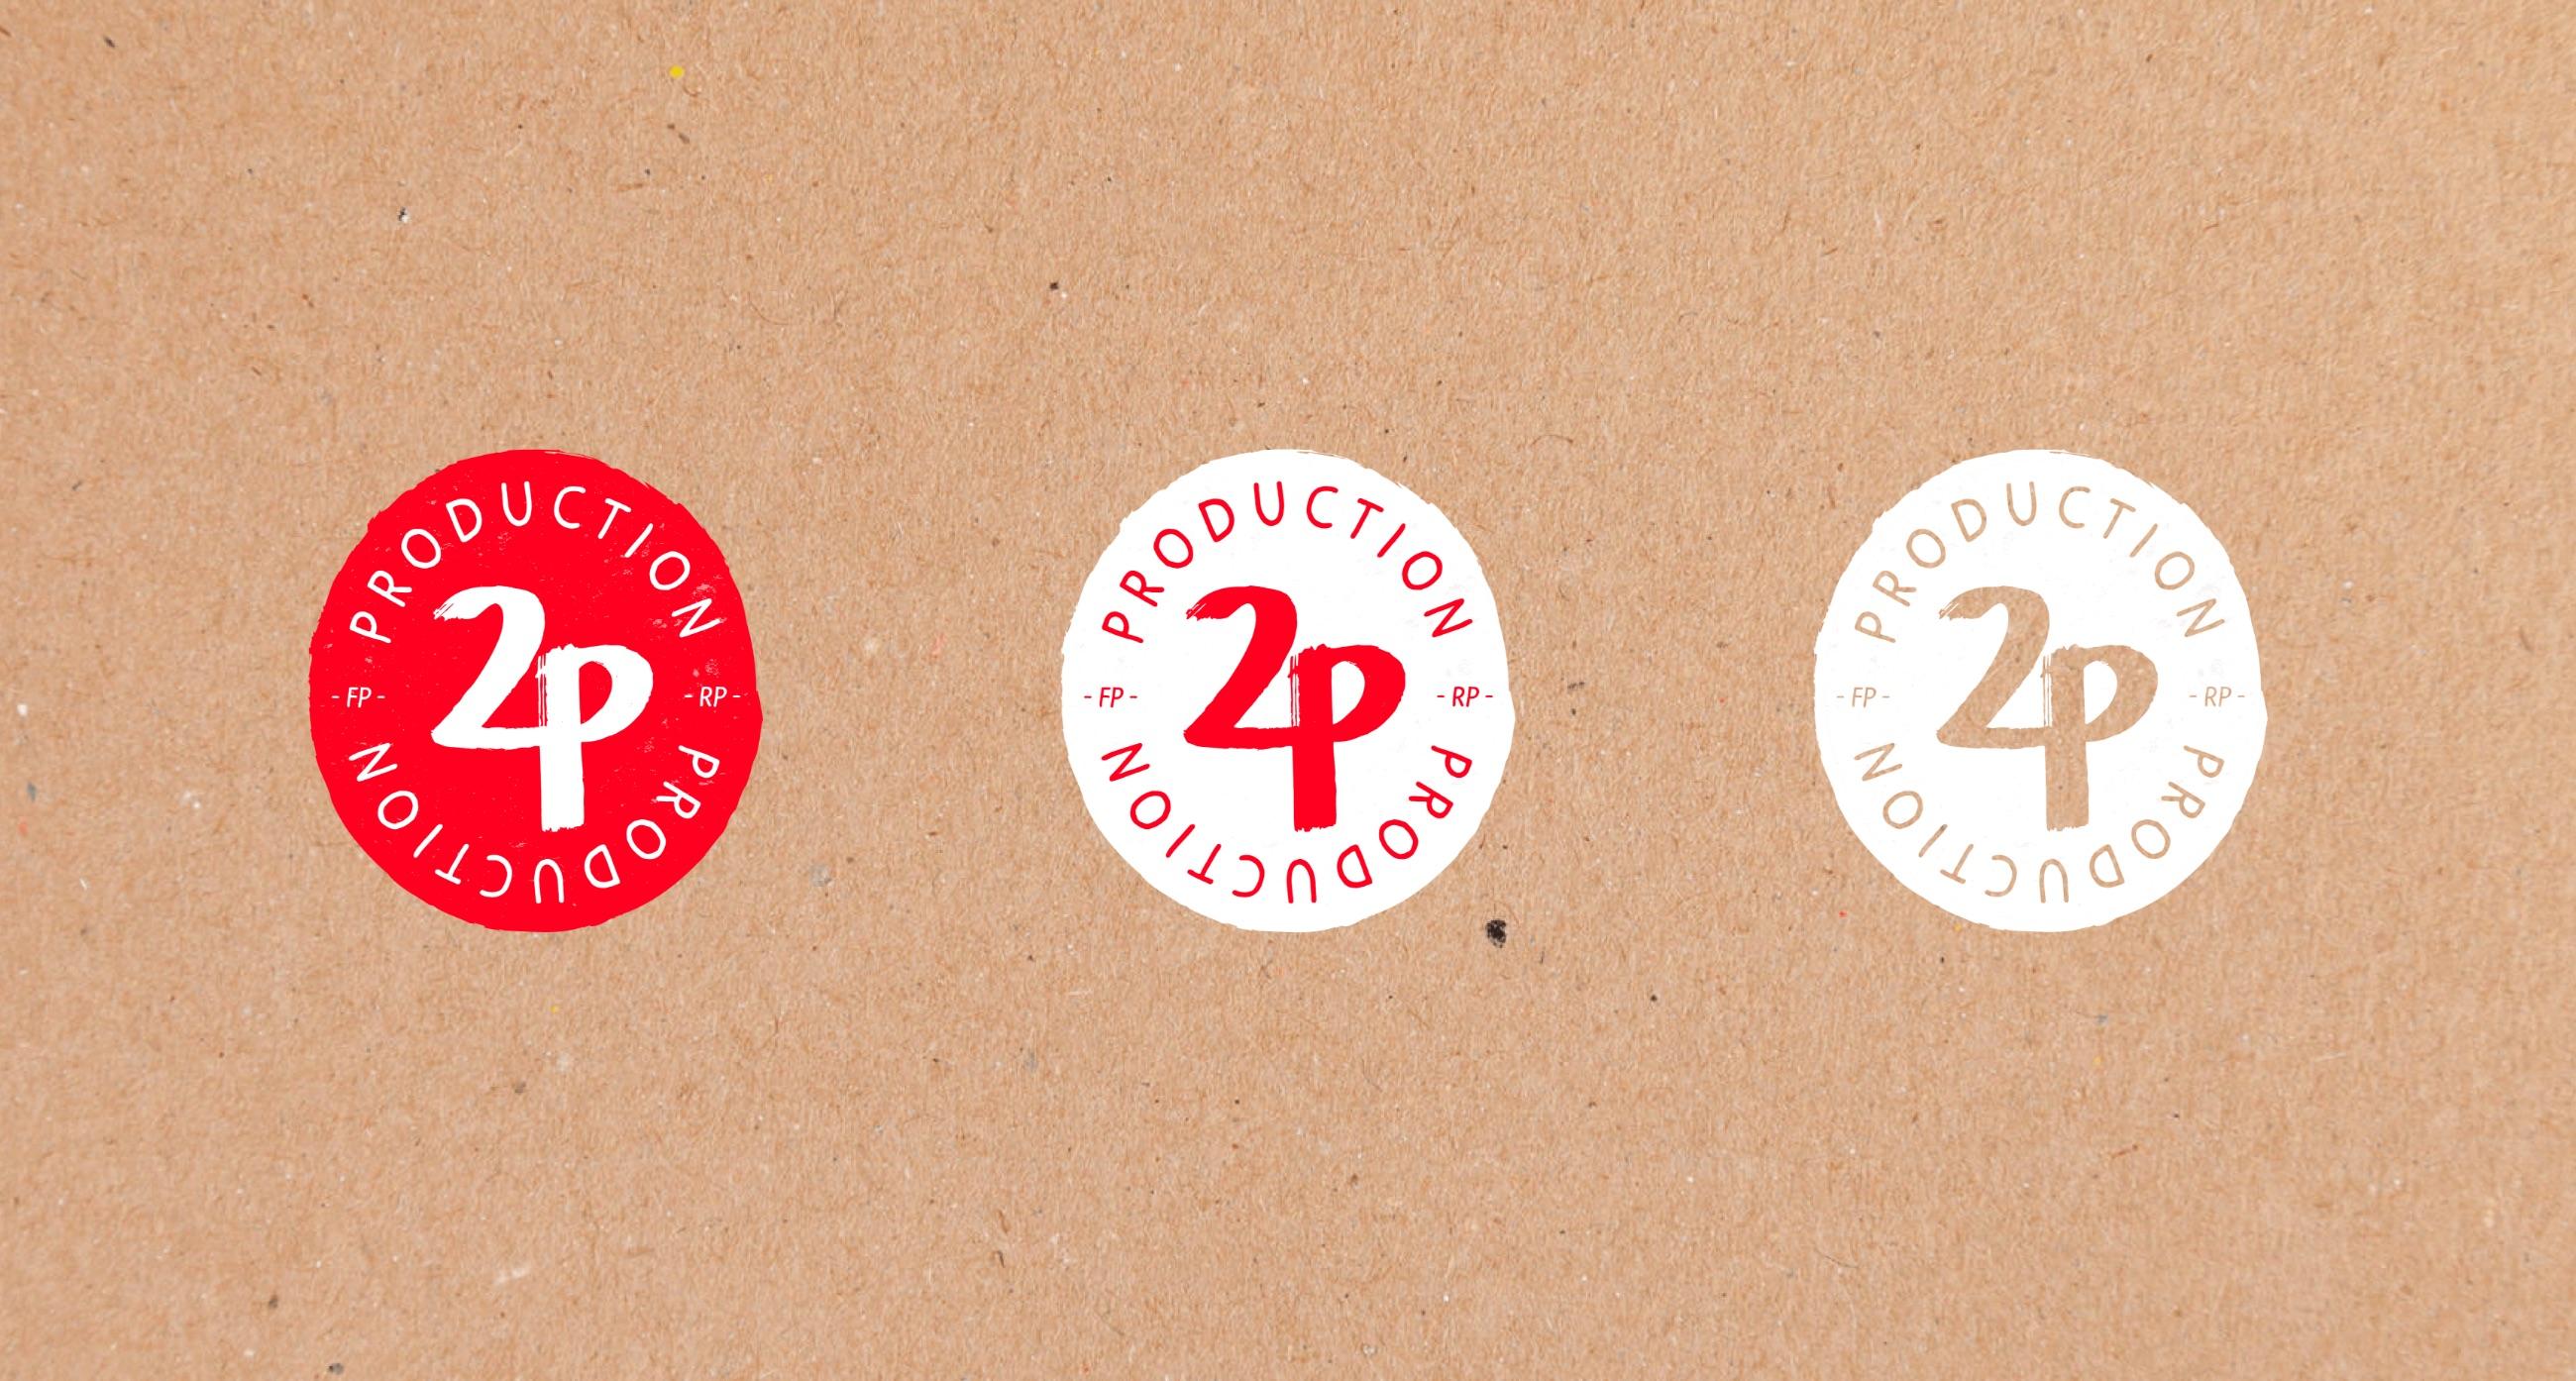 Le logo 2P production et ses déclinaisons